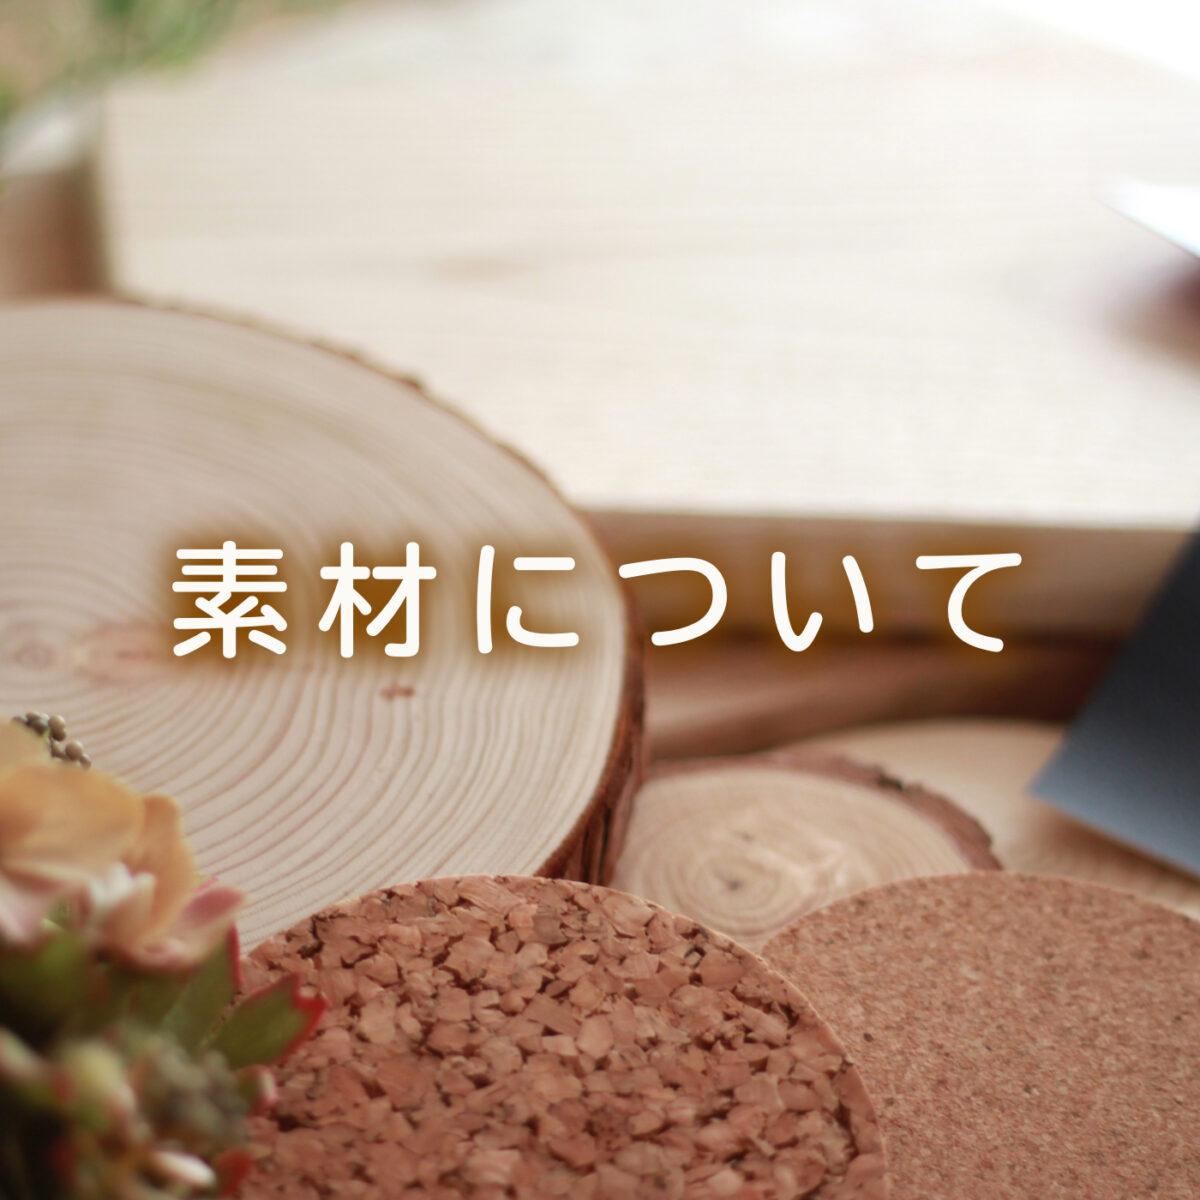 レーザー加工できる素材について【木の板 編】